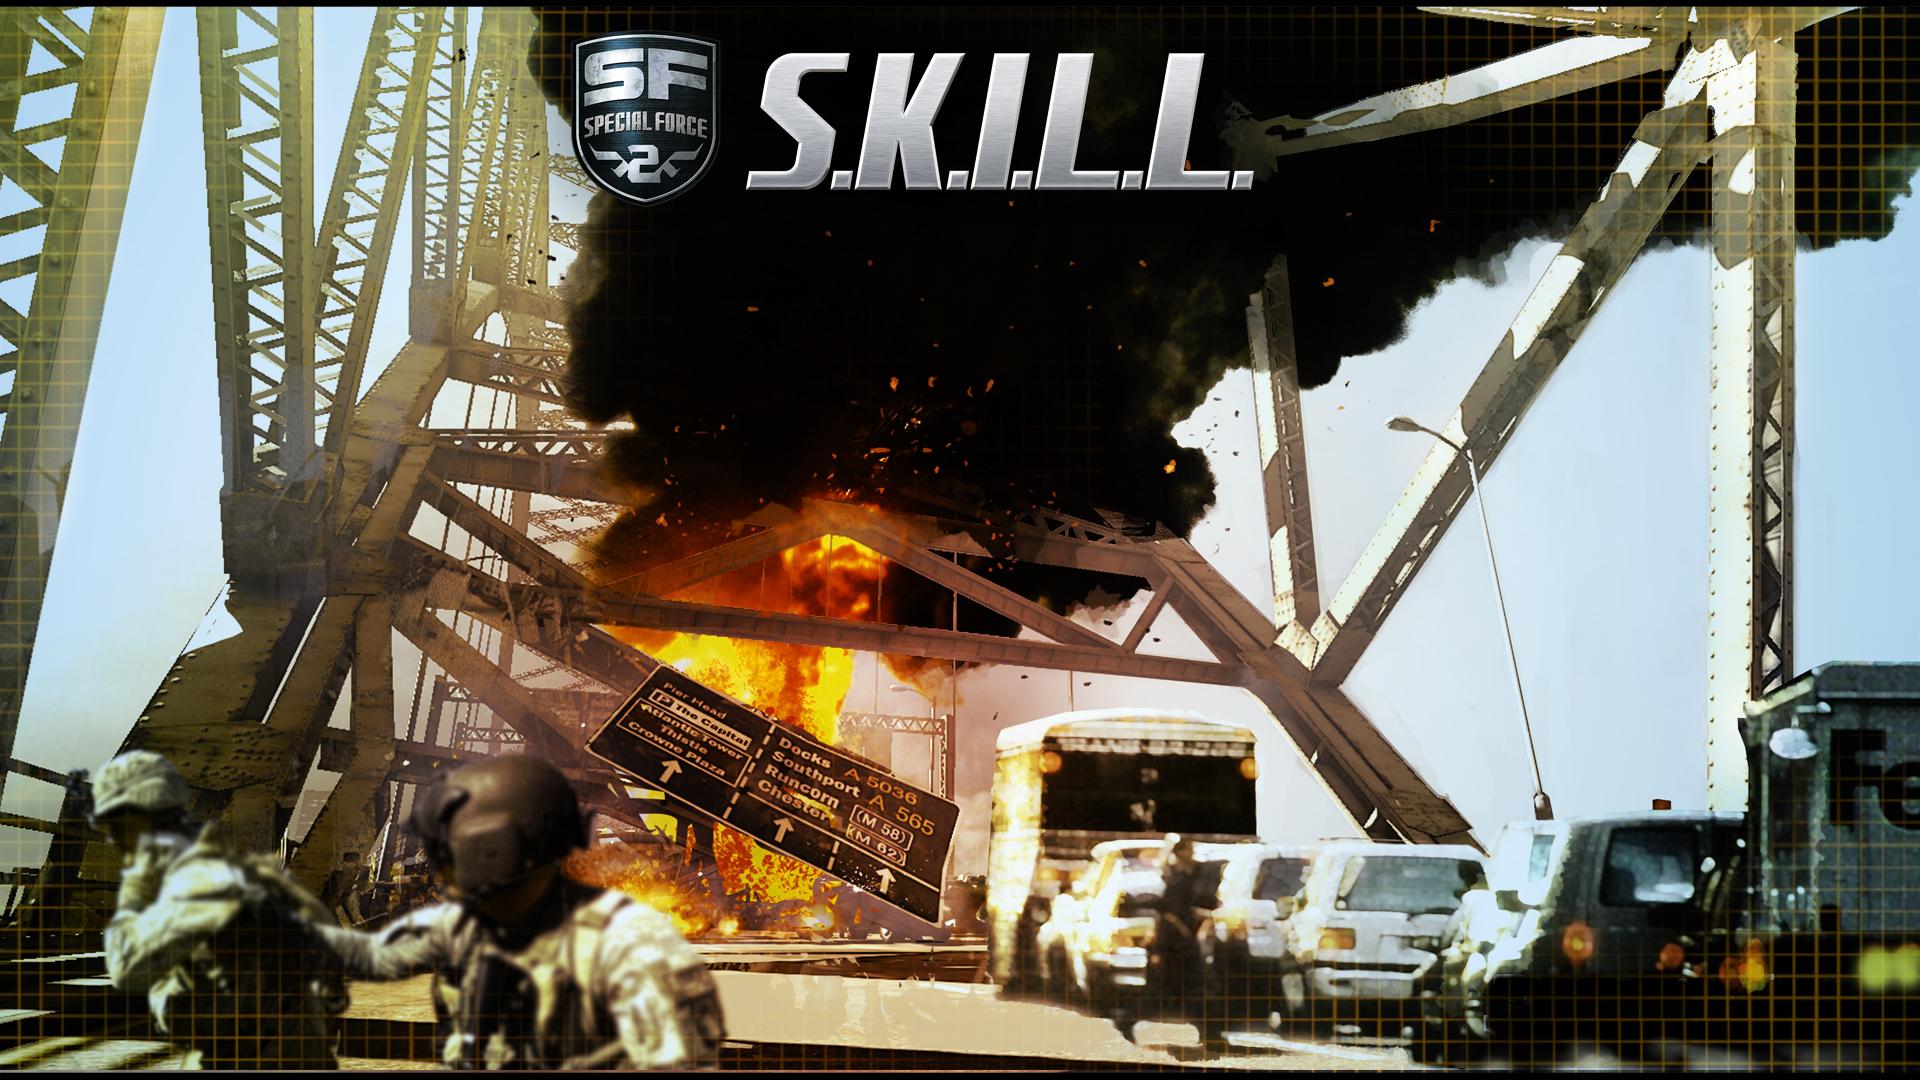 Изображение S.K.I.L.L